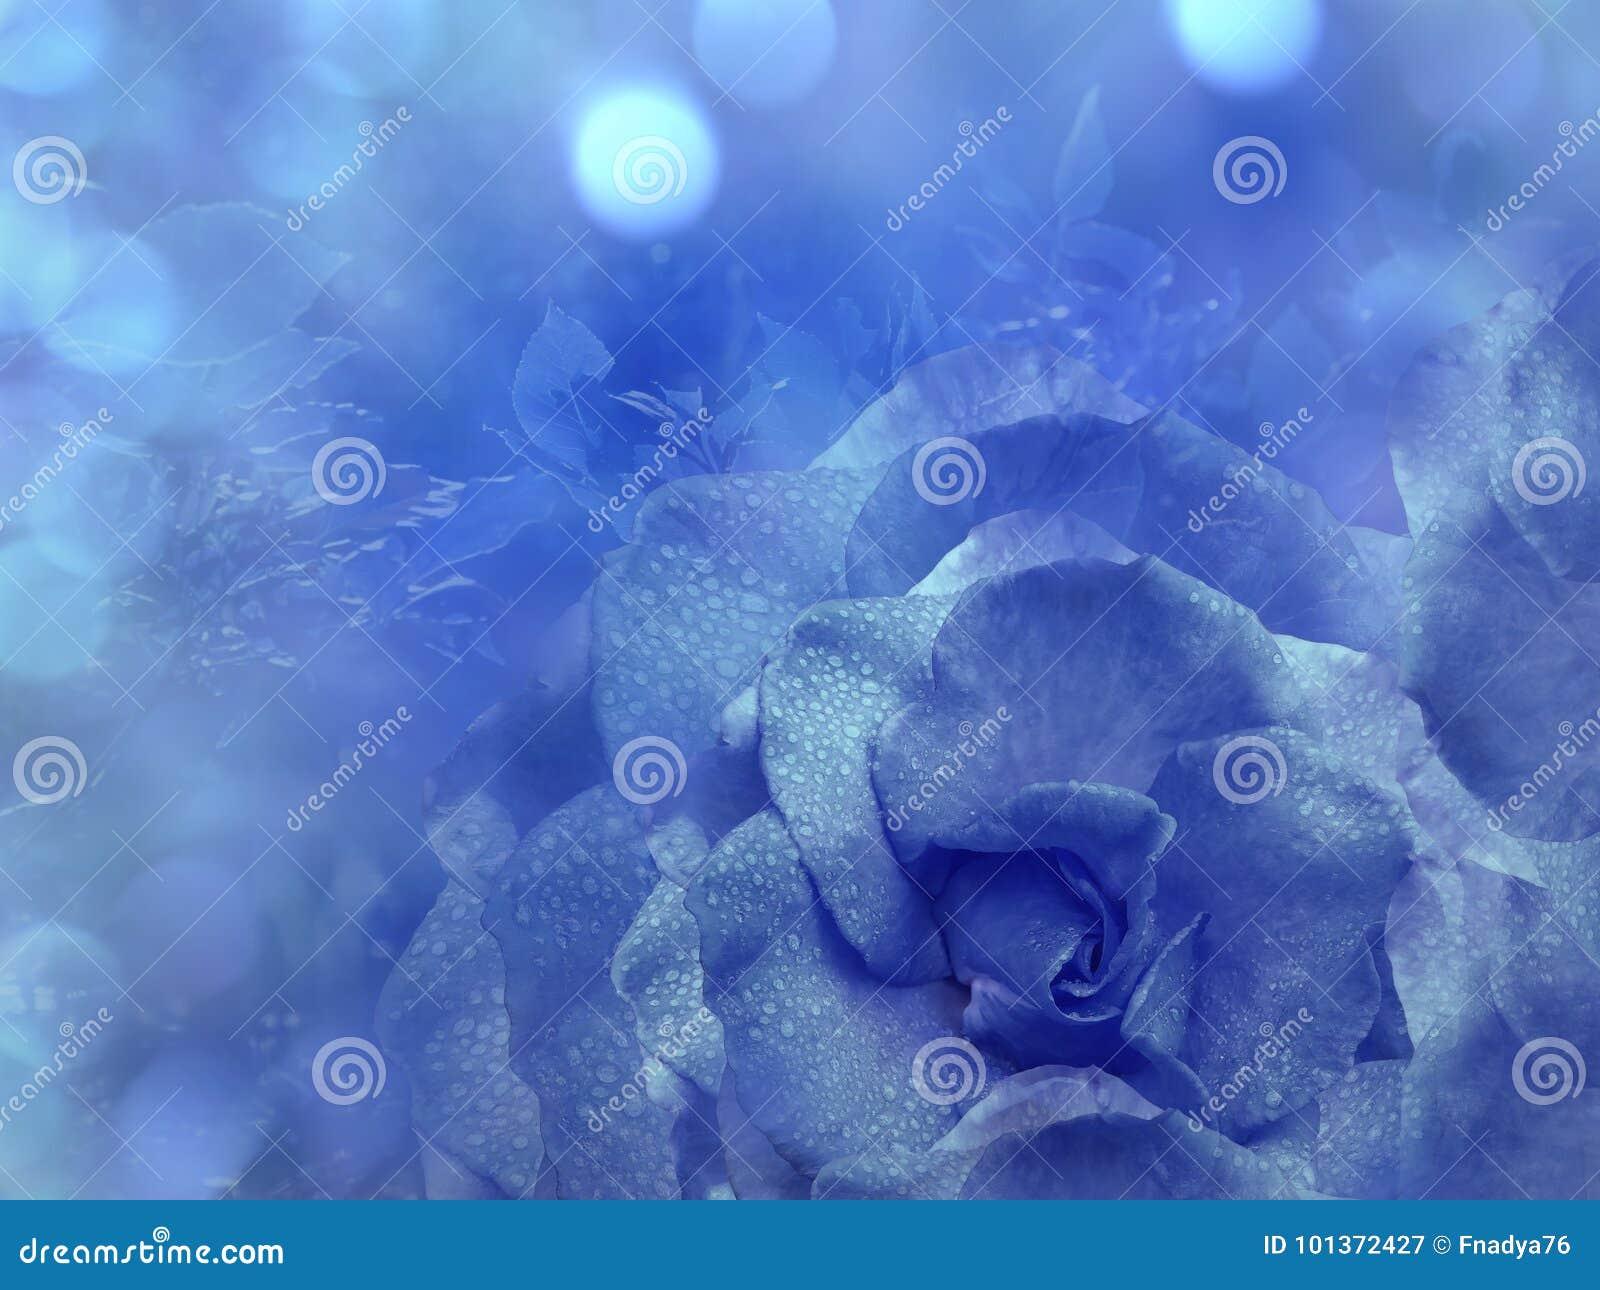 Blom- blå bakgrund från steg Blommar sammansättning En blomma av slösar rosa på en genomskinlig blå bakgrundsbokeh Närbild